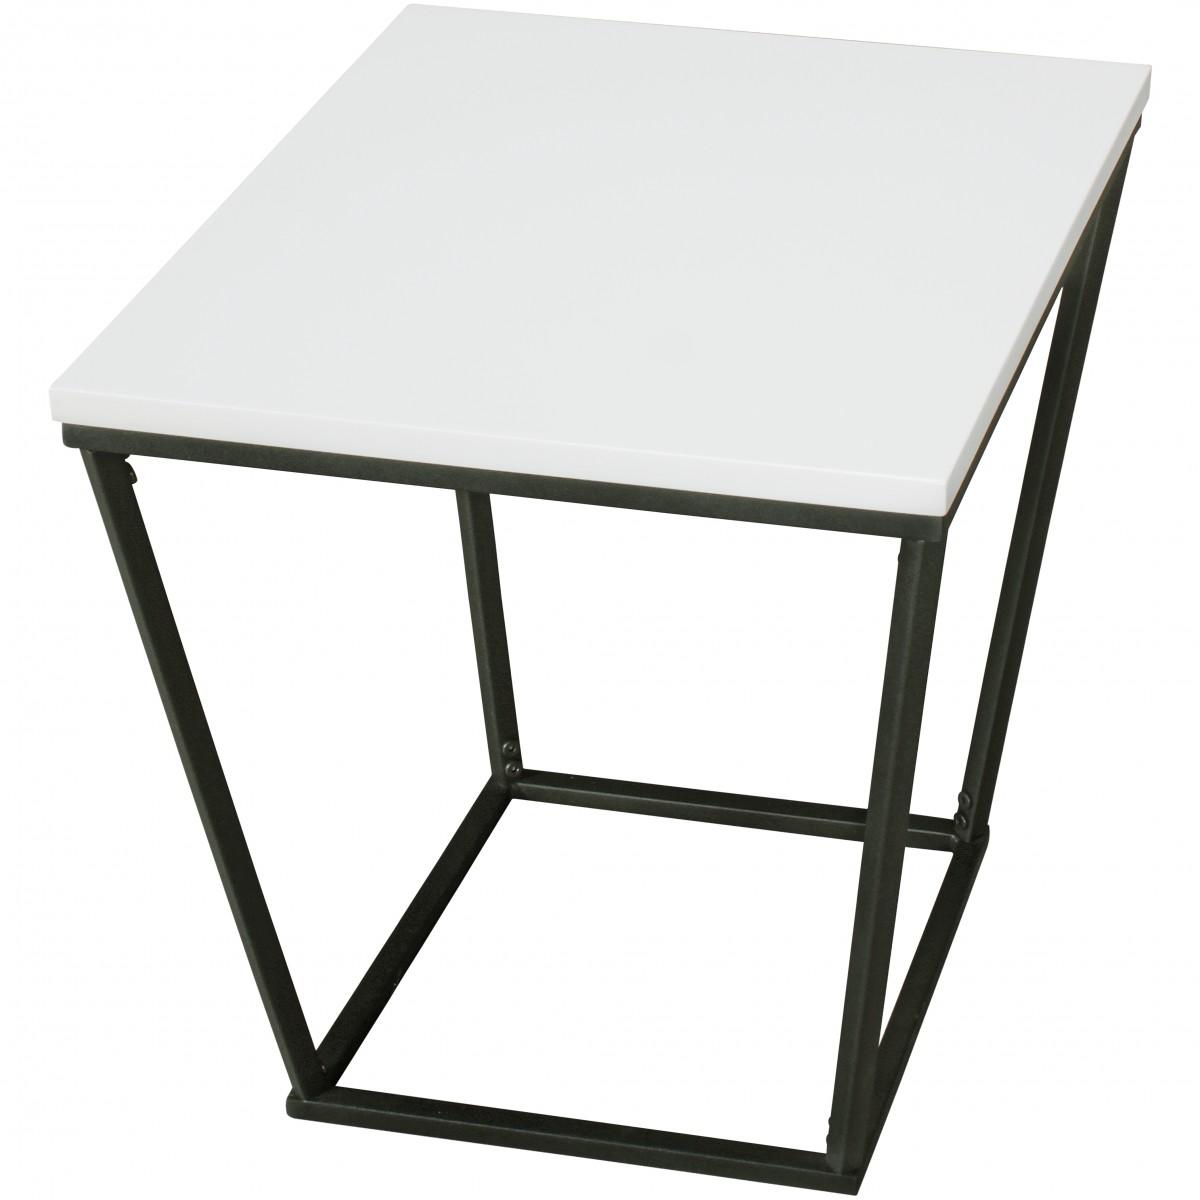 kleiner beistelltisch holz wohnzimmertisch ablagetisch. Black Bedroom Furniture Sets. Home Design Ideas